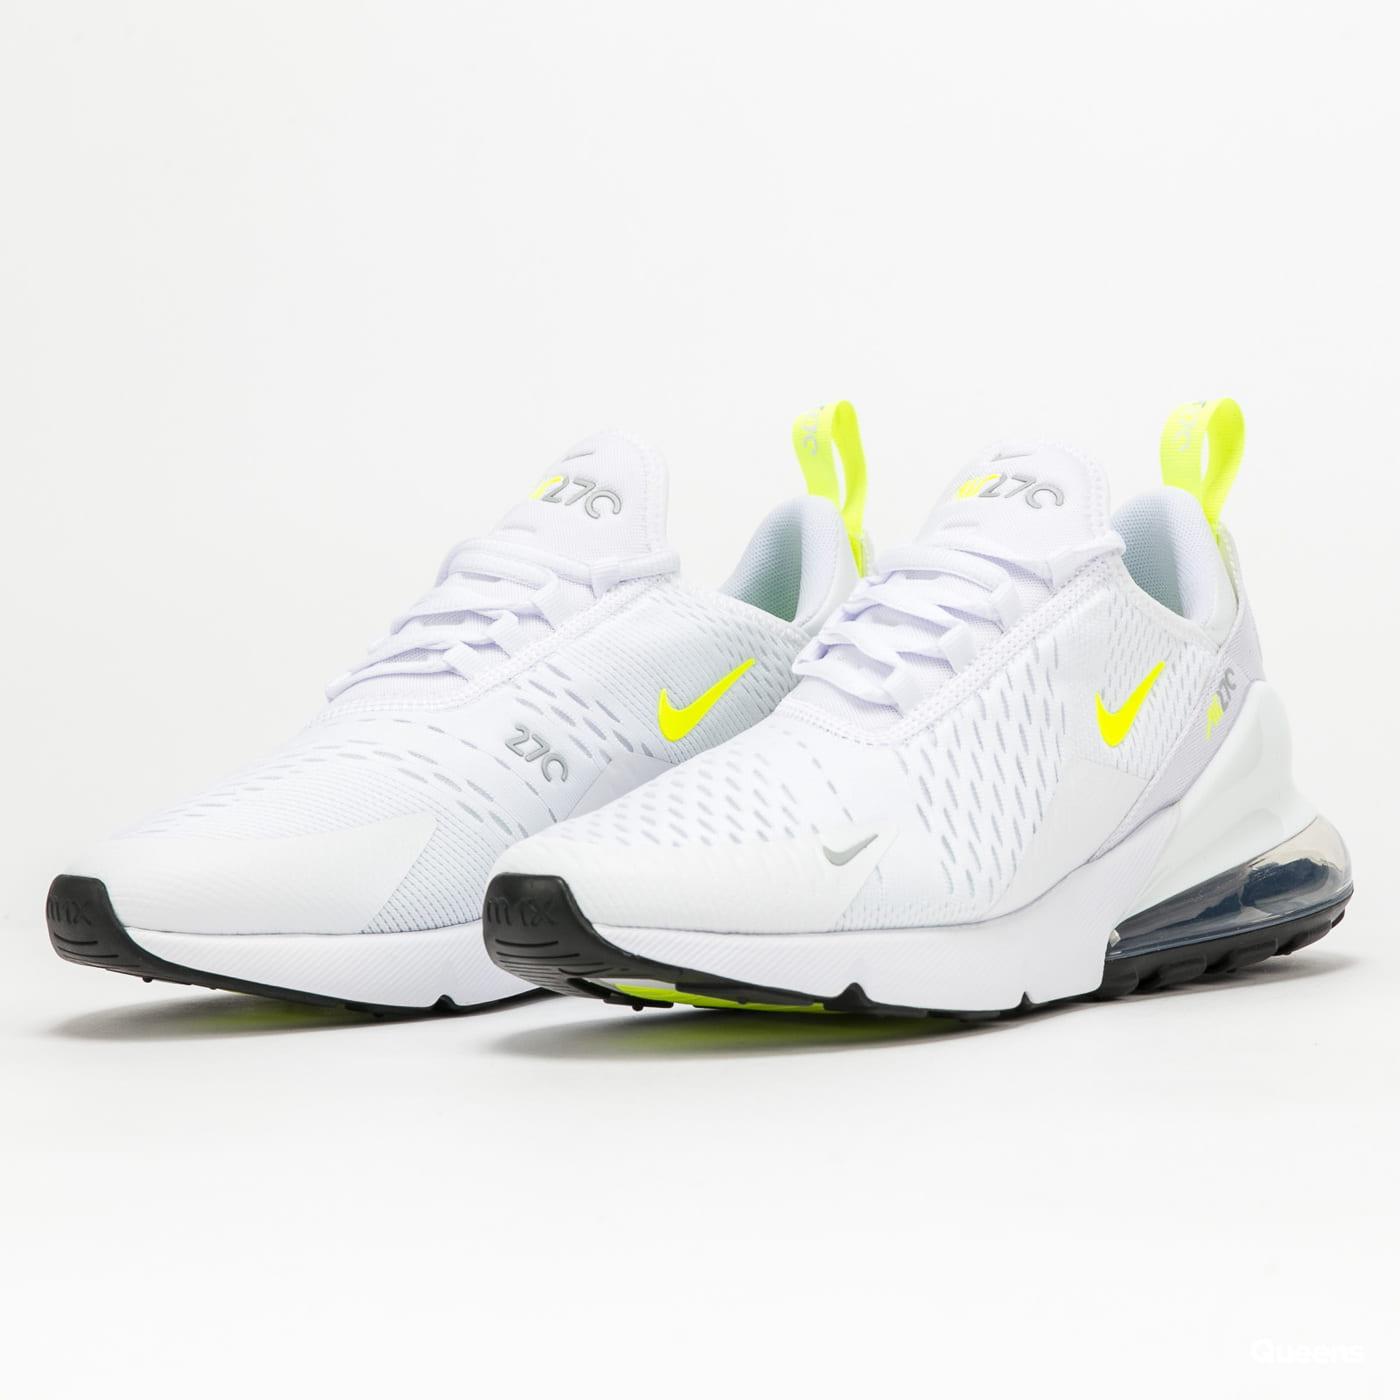 Nike Air Max 270 Ess white / volt - wolf grey - black